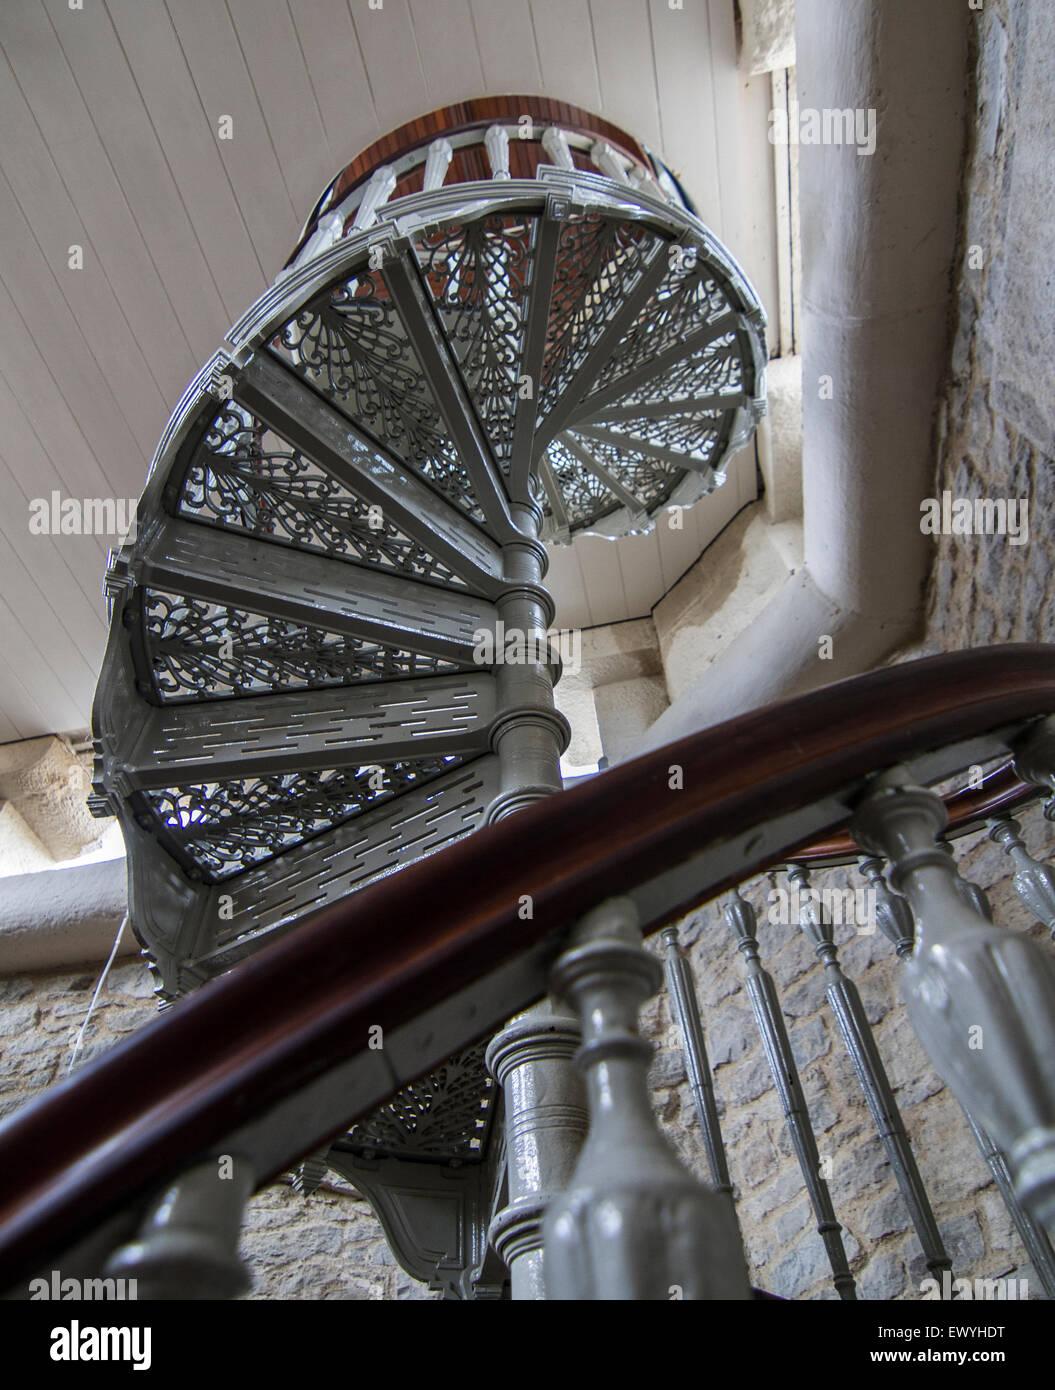 komplizierte Wendeltreppe im Gebäude aus Stein Stockbild